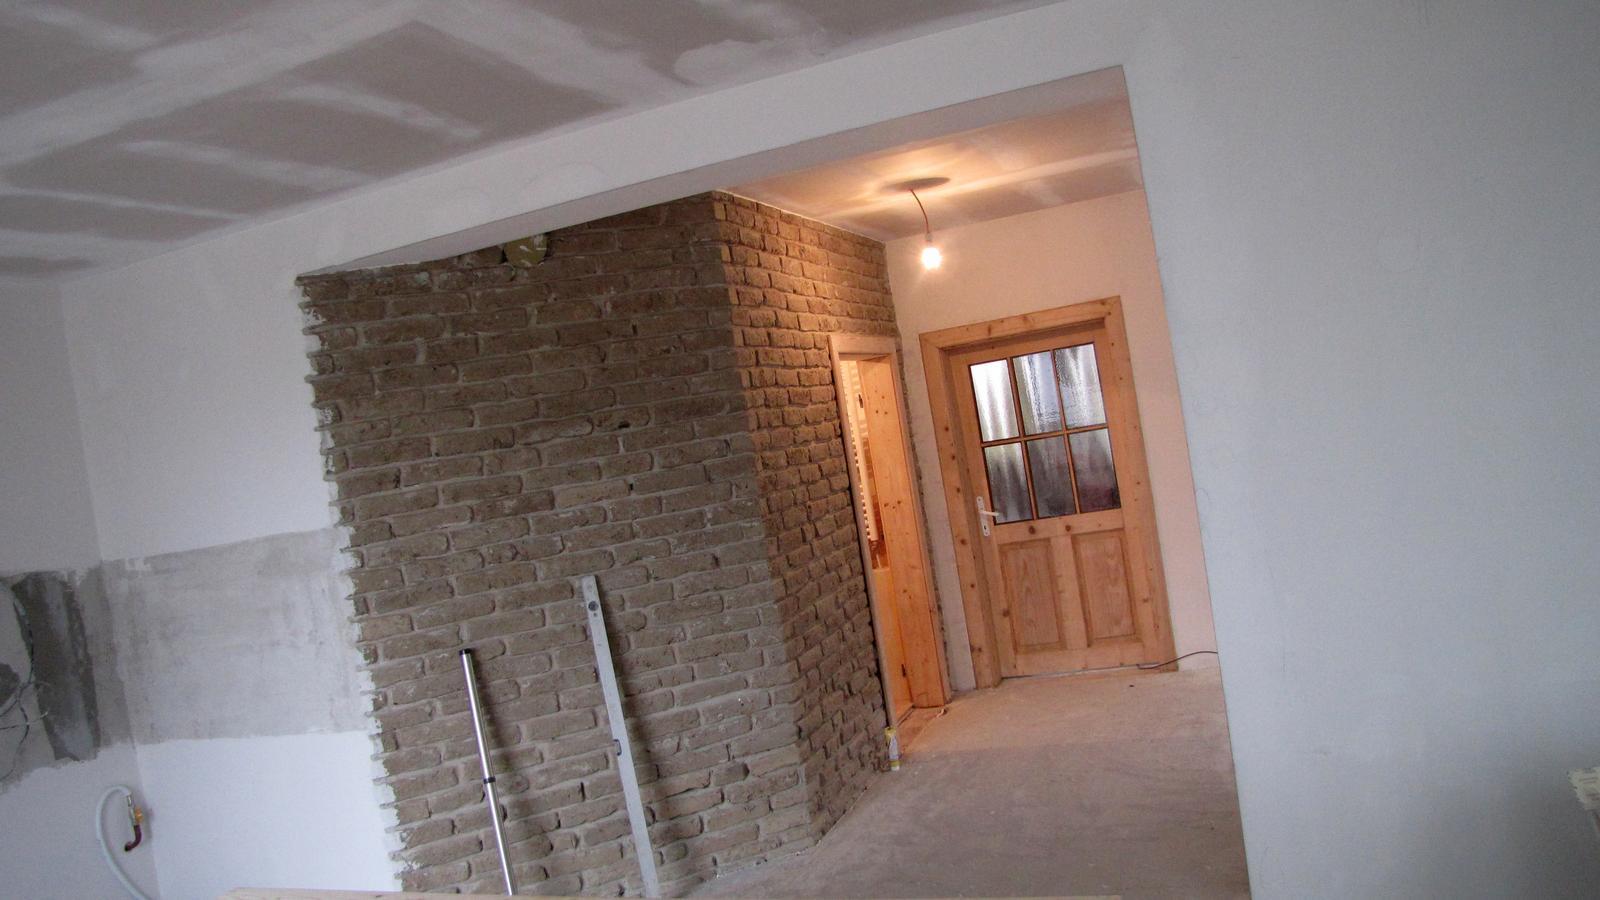 Rekonštrukcia starého domčeka - Konečne mám vybrúsené dvere.